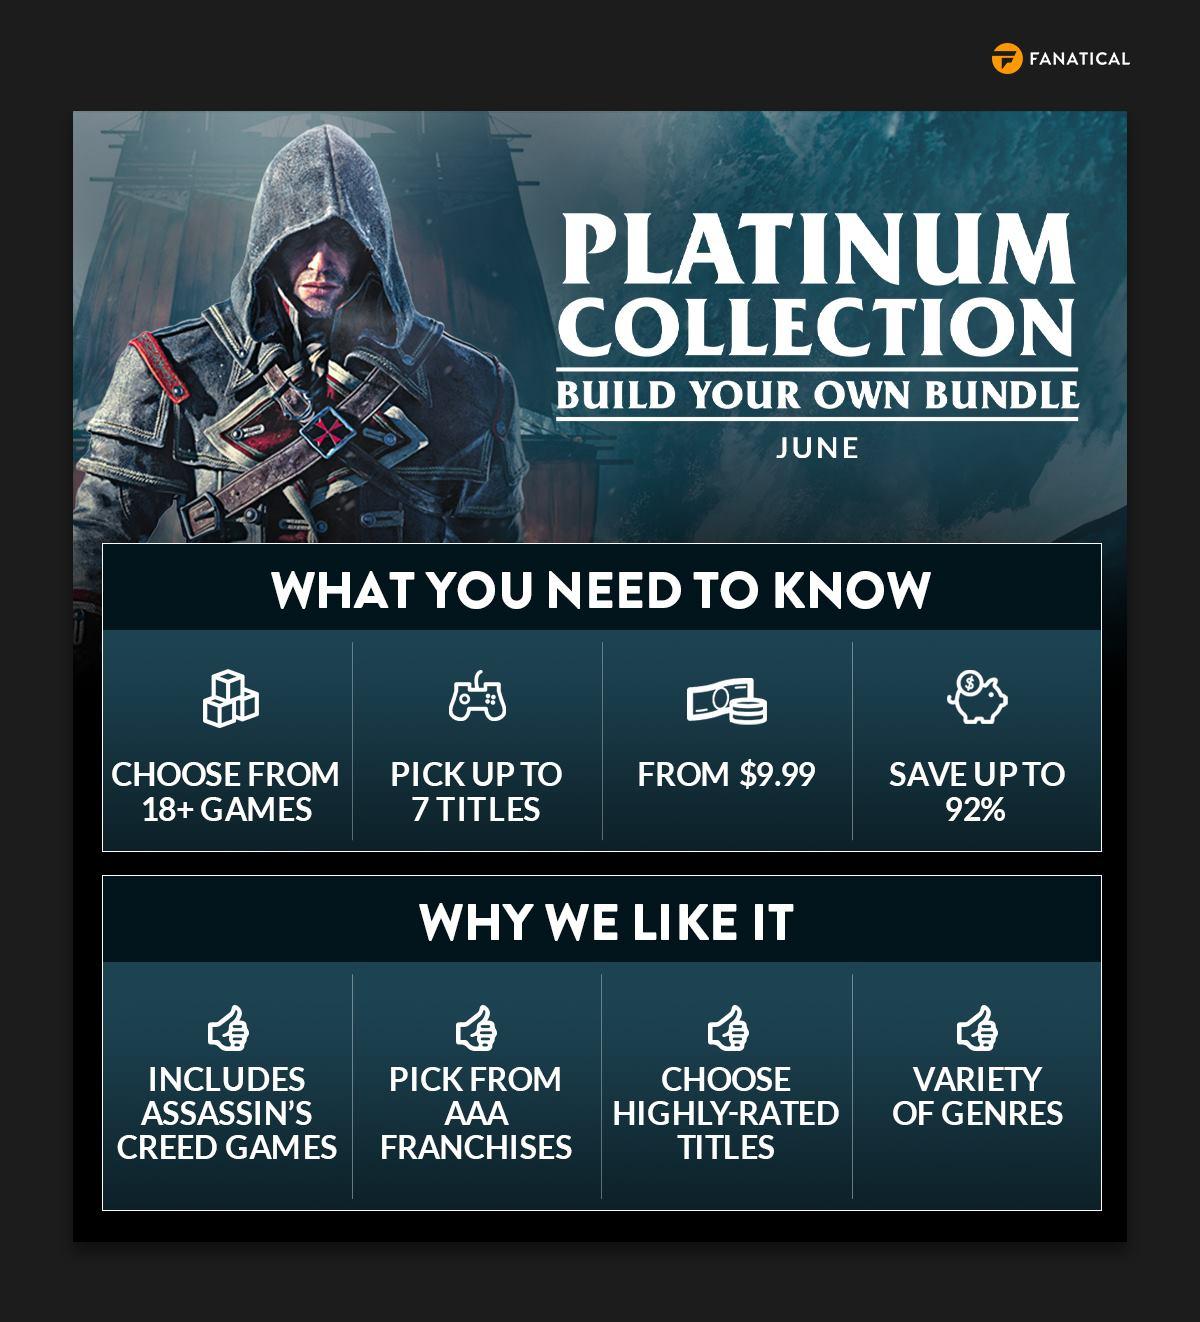 Fanatical Platinum Collection – Build Your Own Bundle June 2021